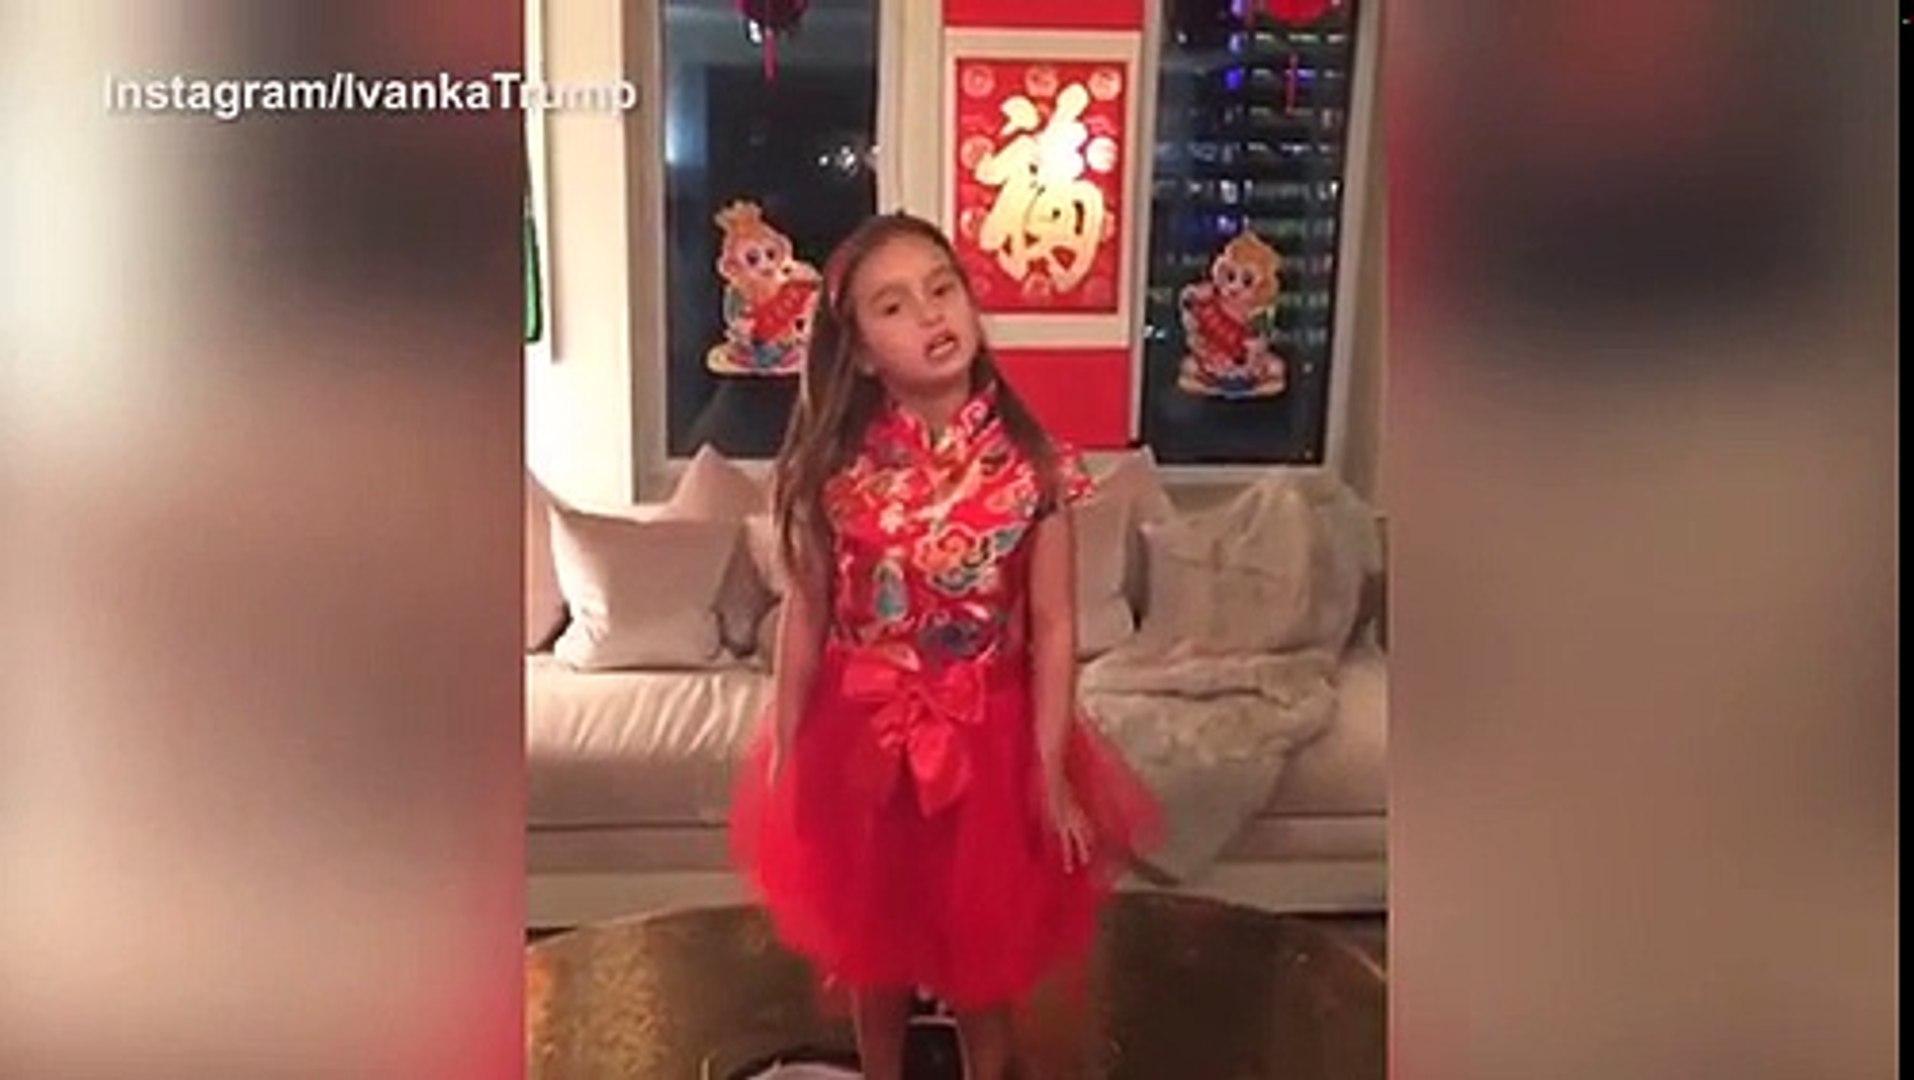 Đọc thơ Đường, cháu gái 5 tuổi của Donald Trump được lòng dân mạng Trung Quốc